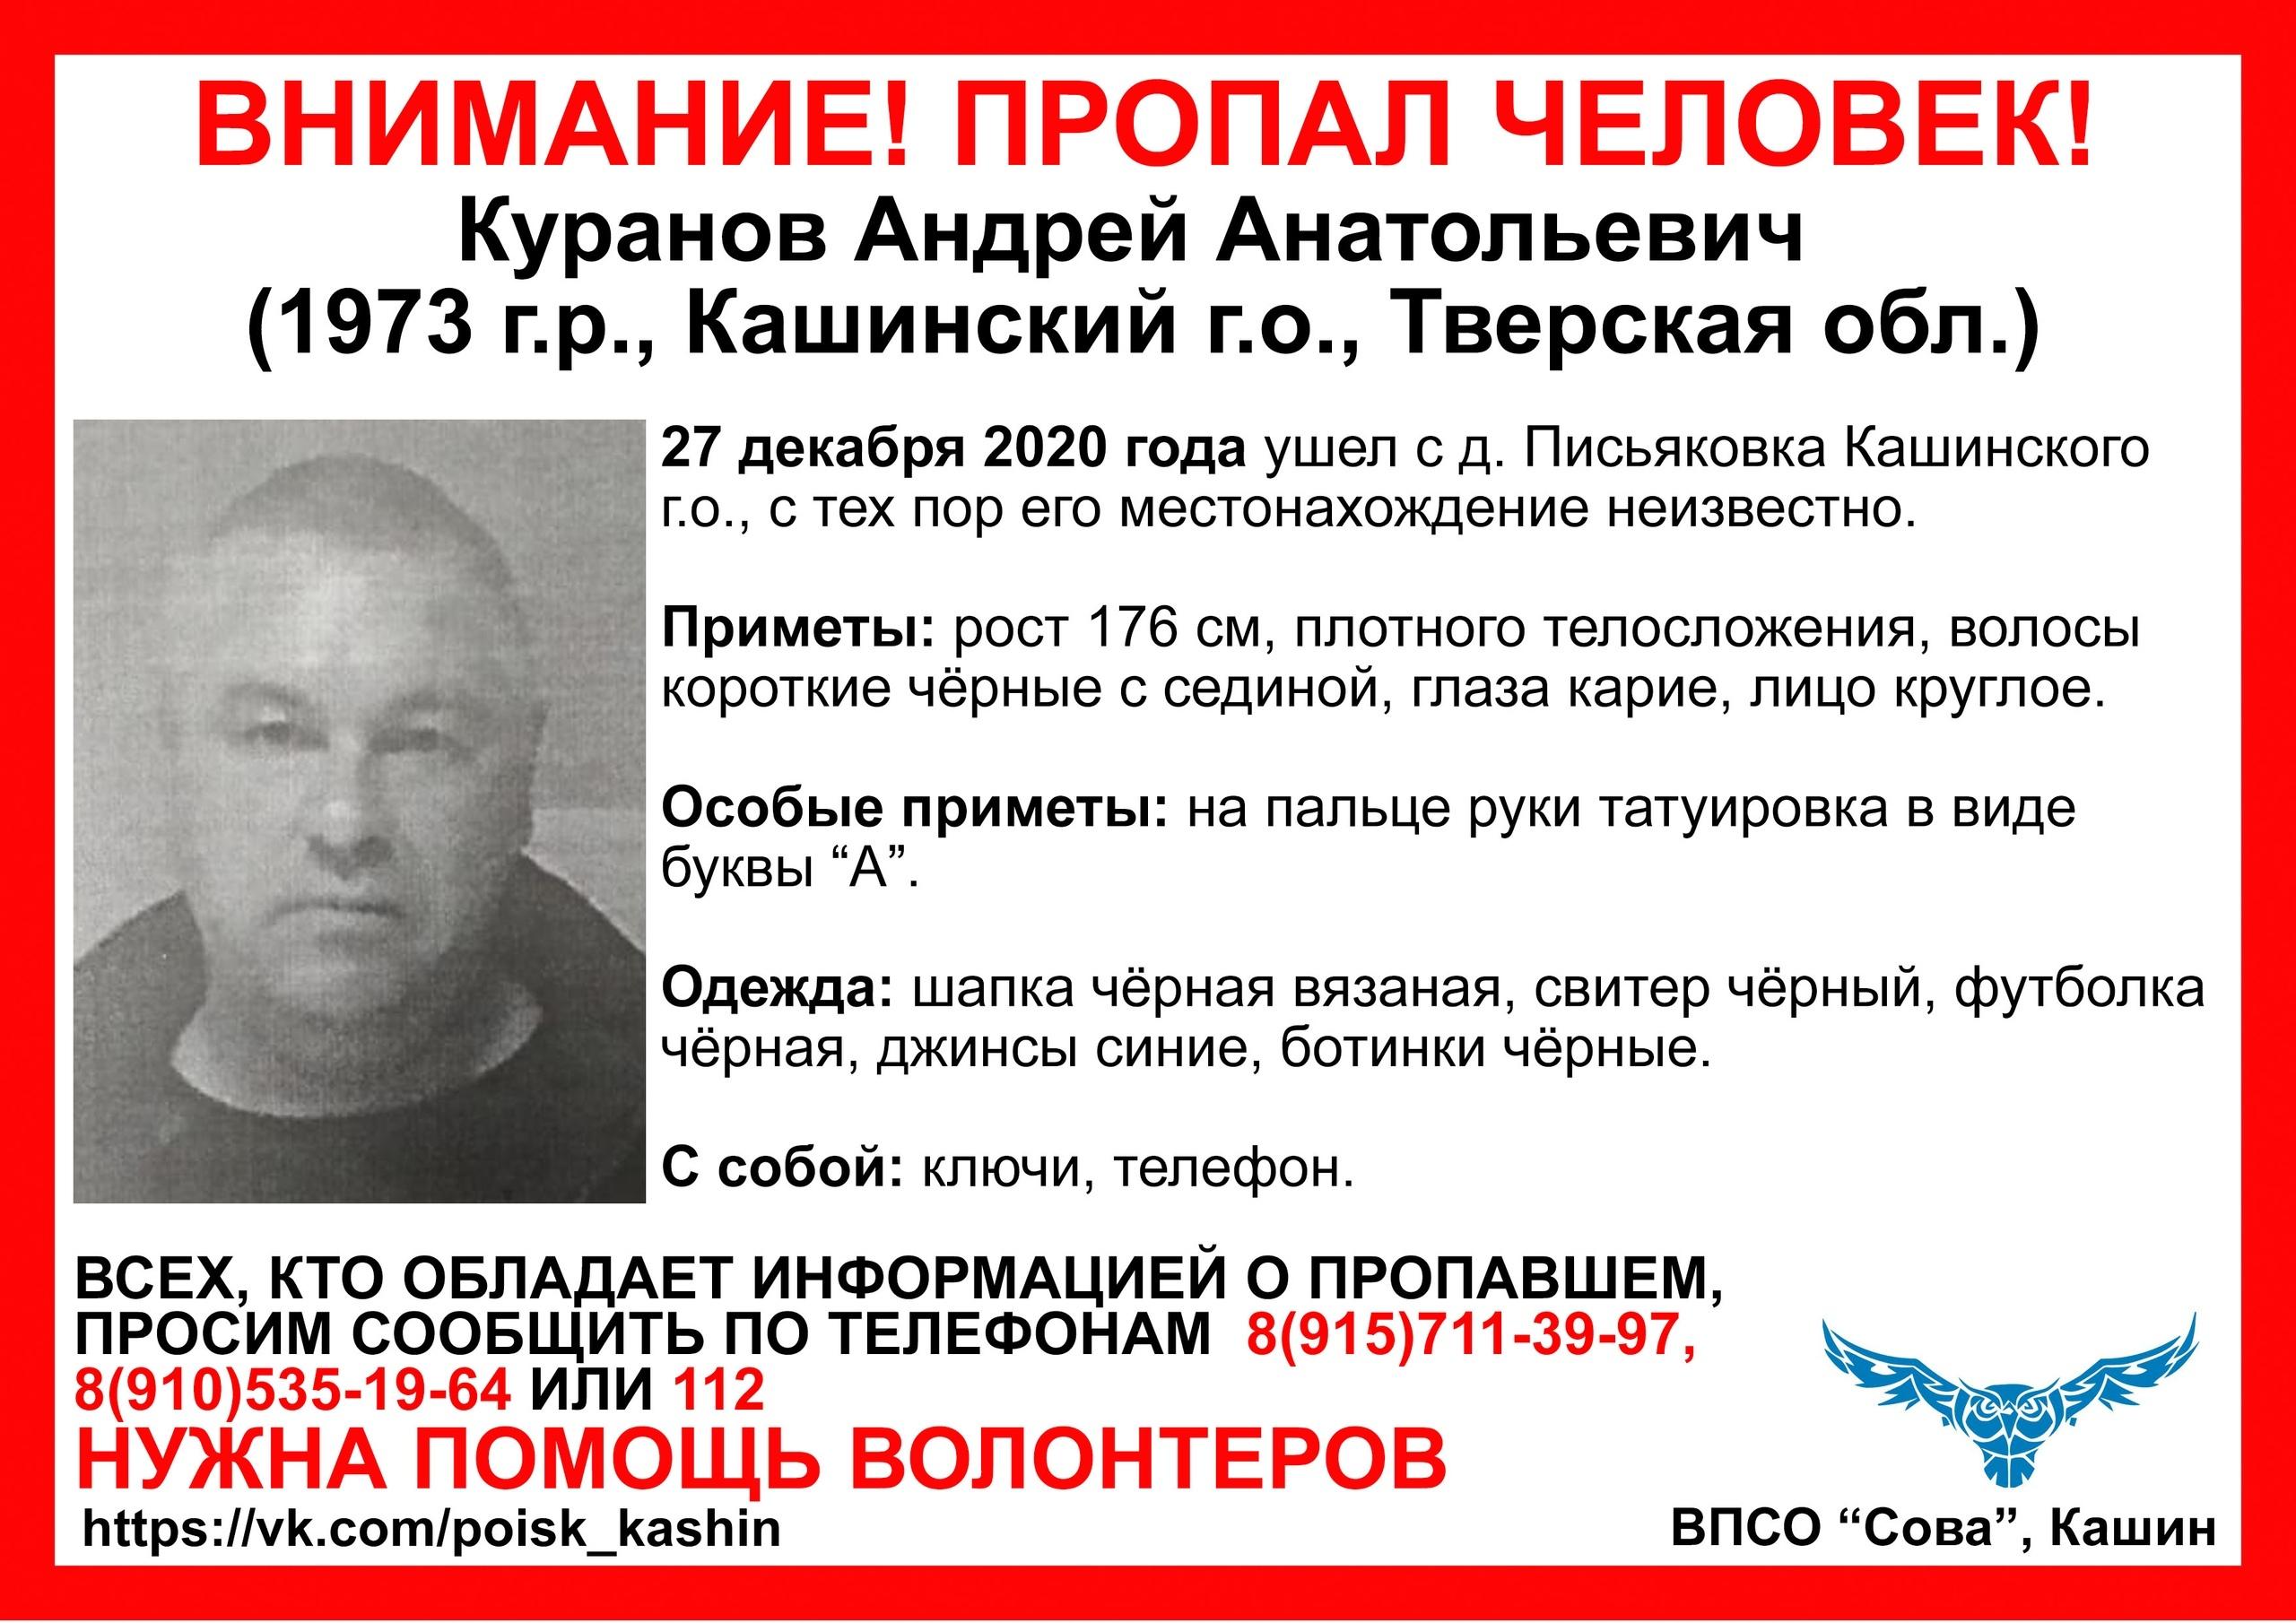 Мужчина из Письяковки пропал в Тверской области